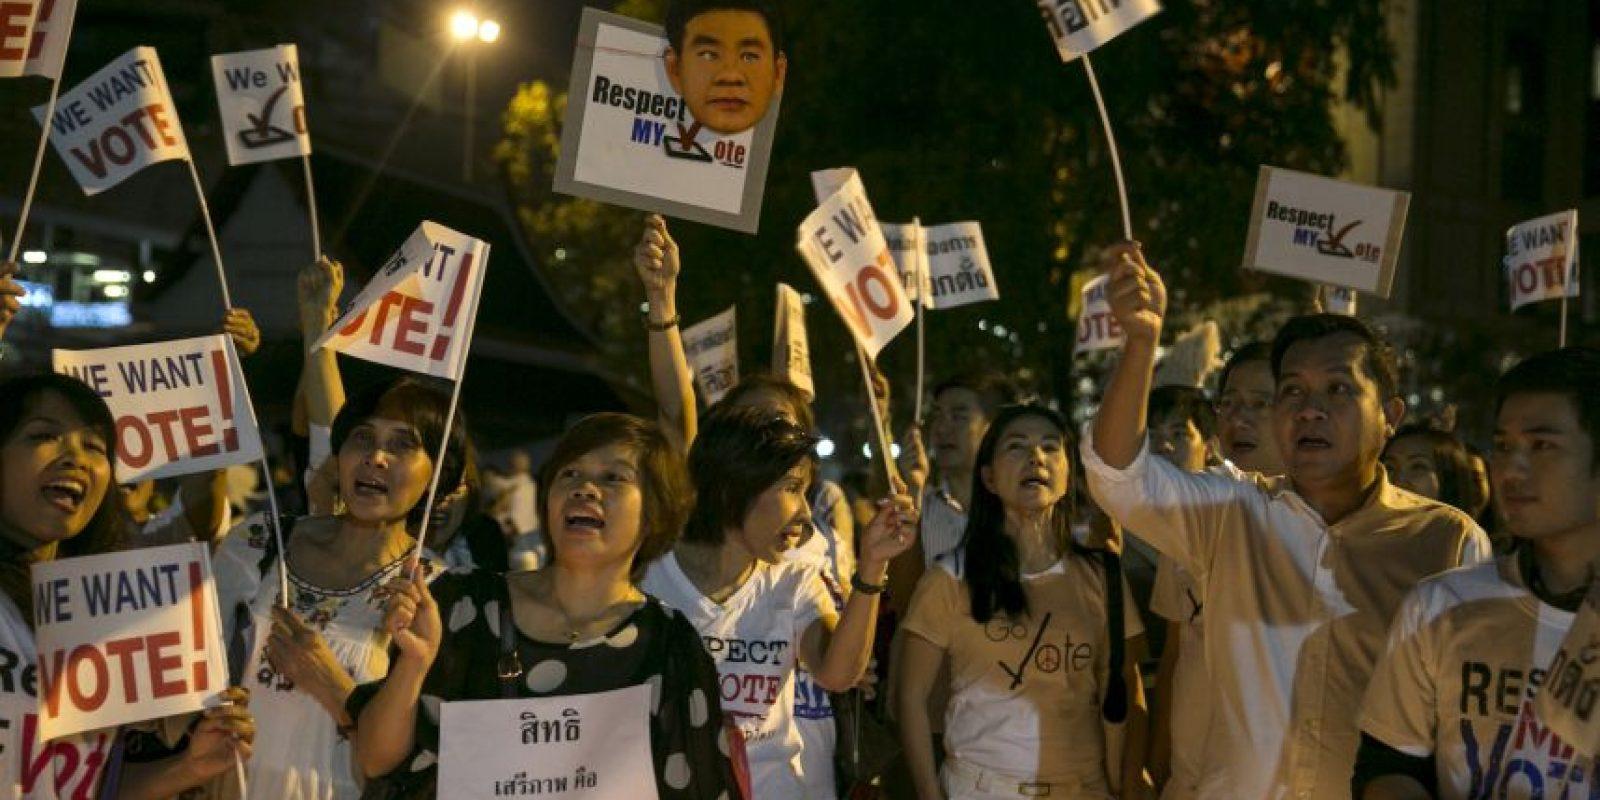 Elecciones presidenciales en Costa Rica, El Salvador y Tailanda. Estas últimas fueron boicoteadas. Foto:Getty Images